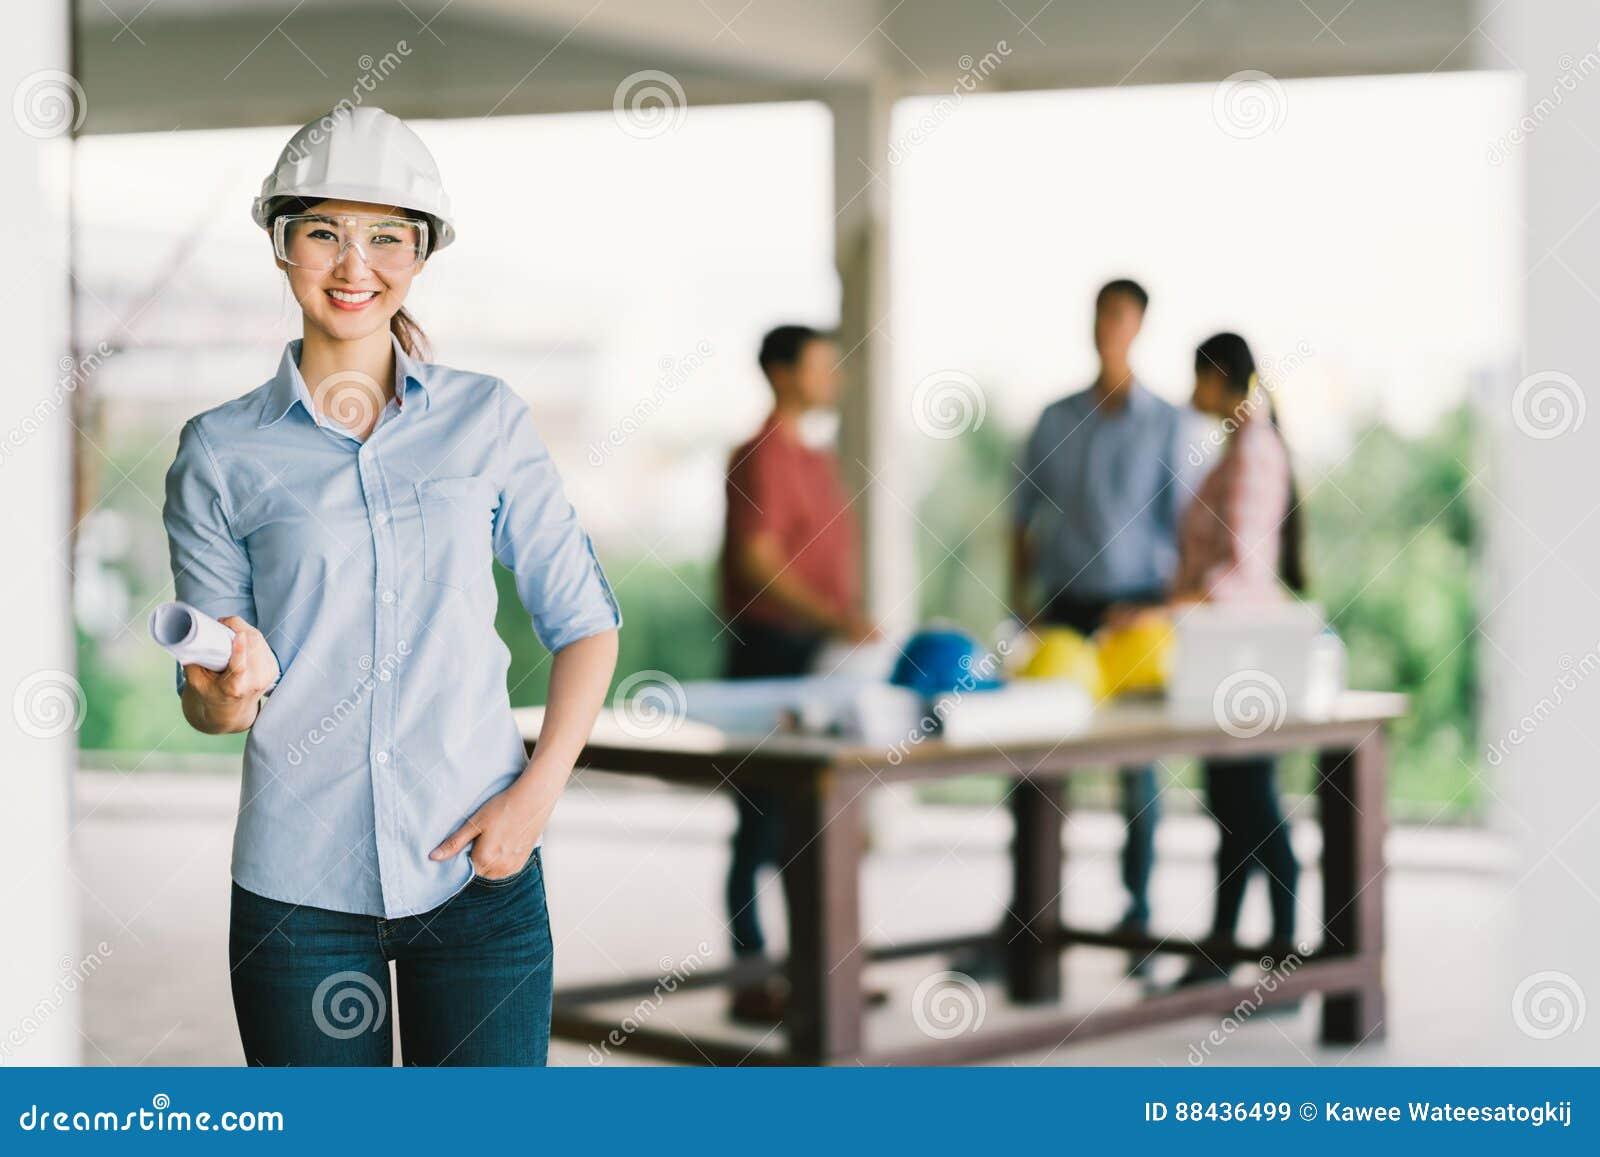 女性建筑师或工程师有图纸的在楼房建筑站点 关于迷离背景的工友会议